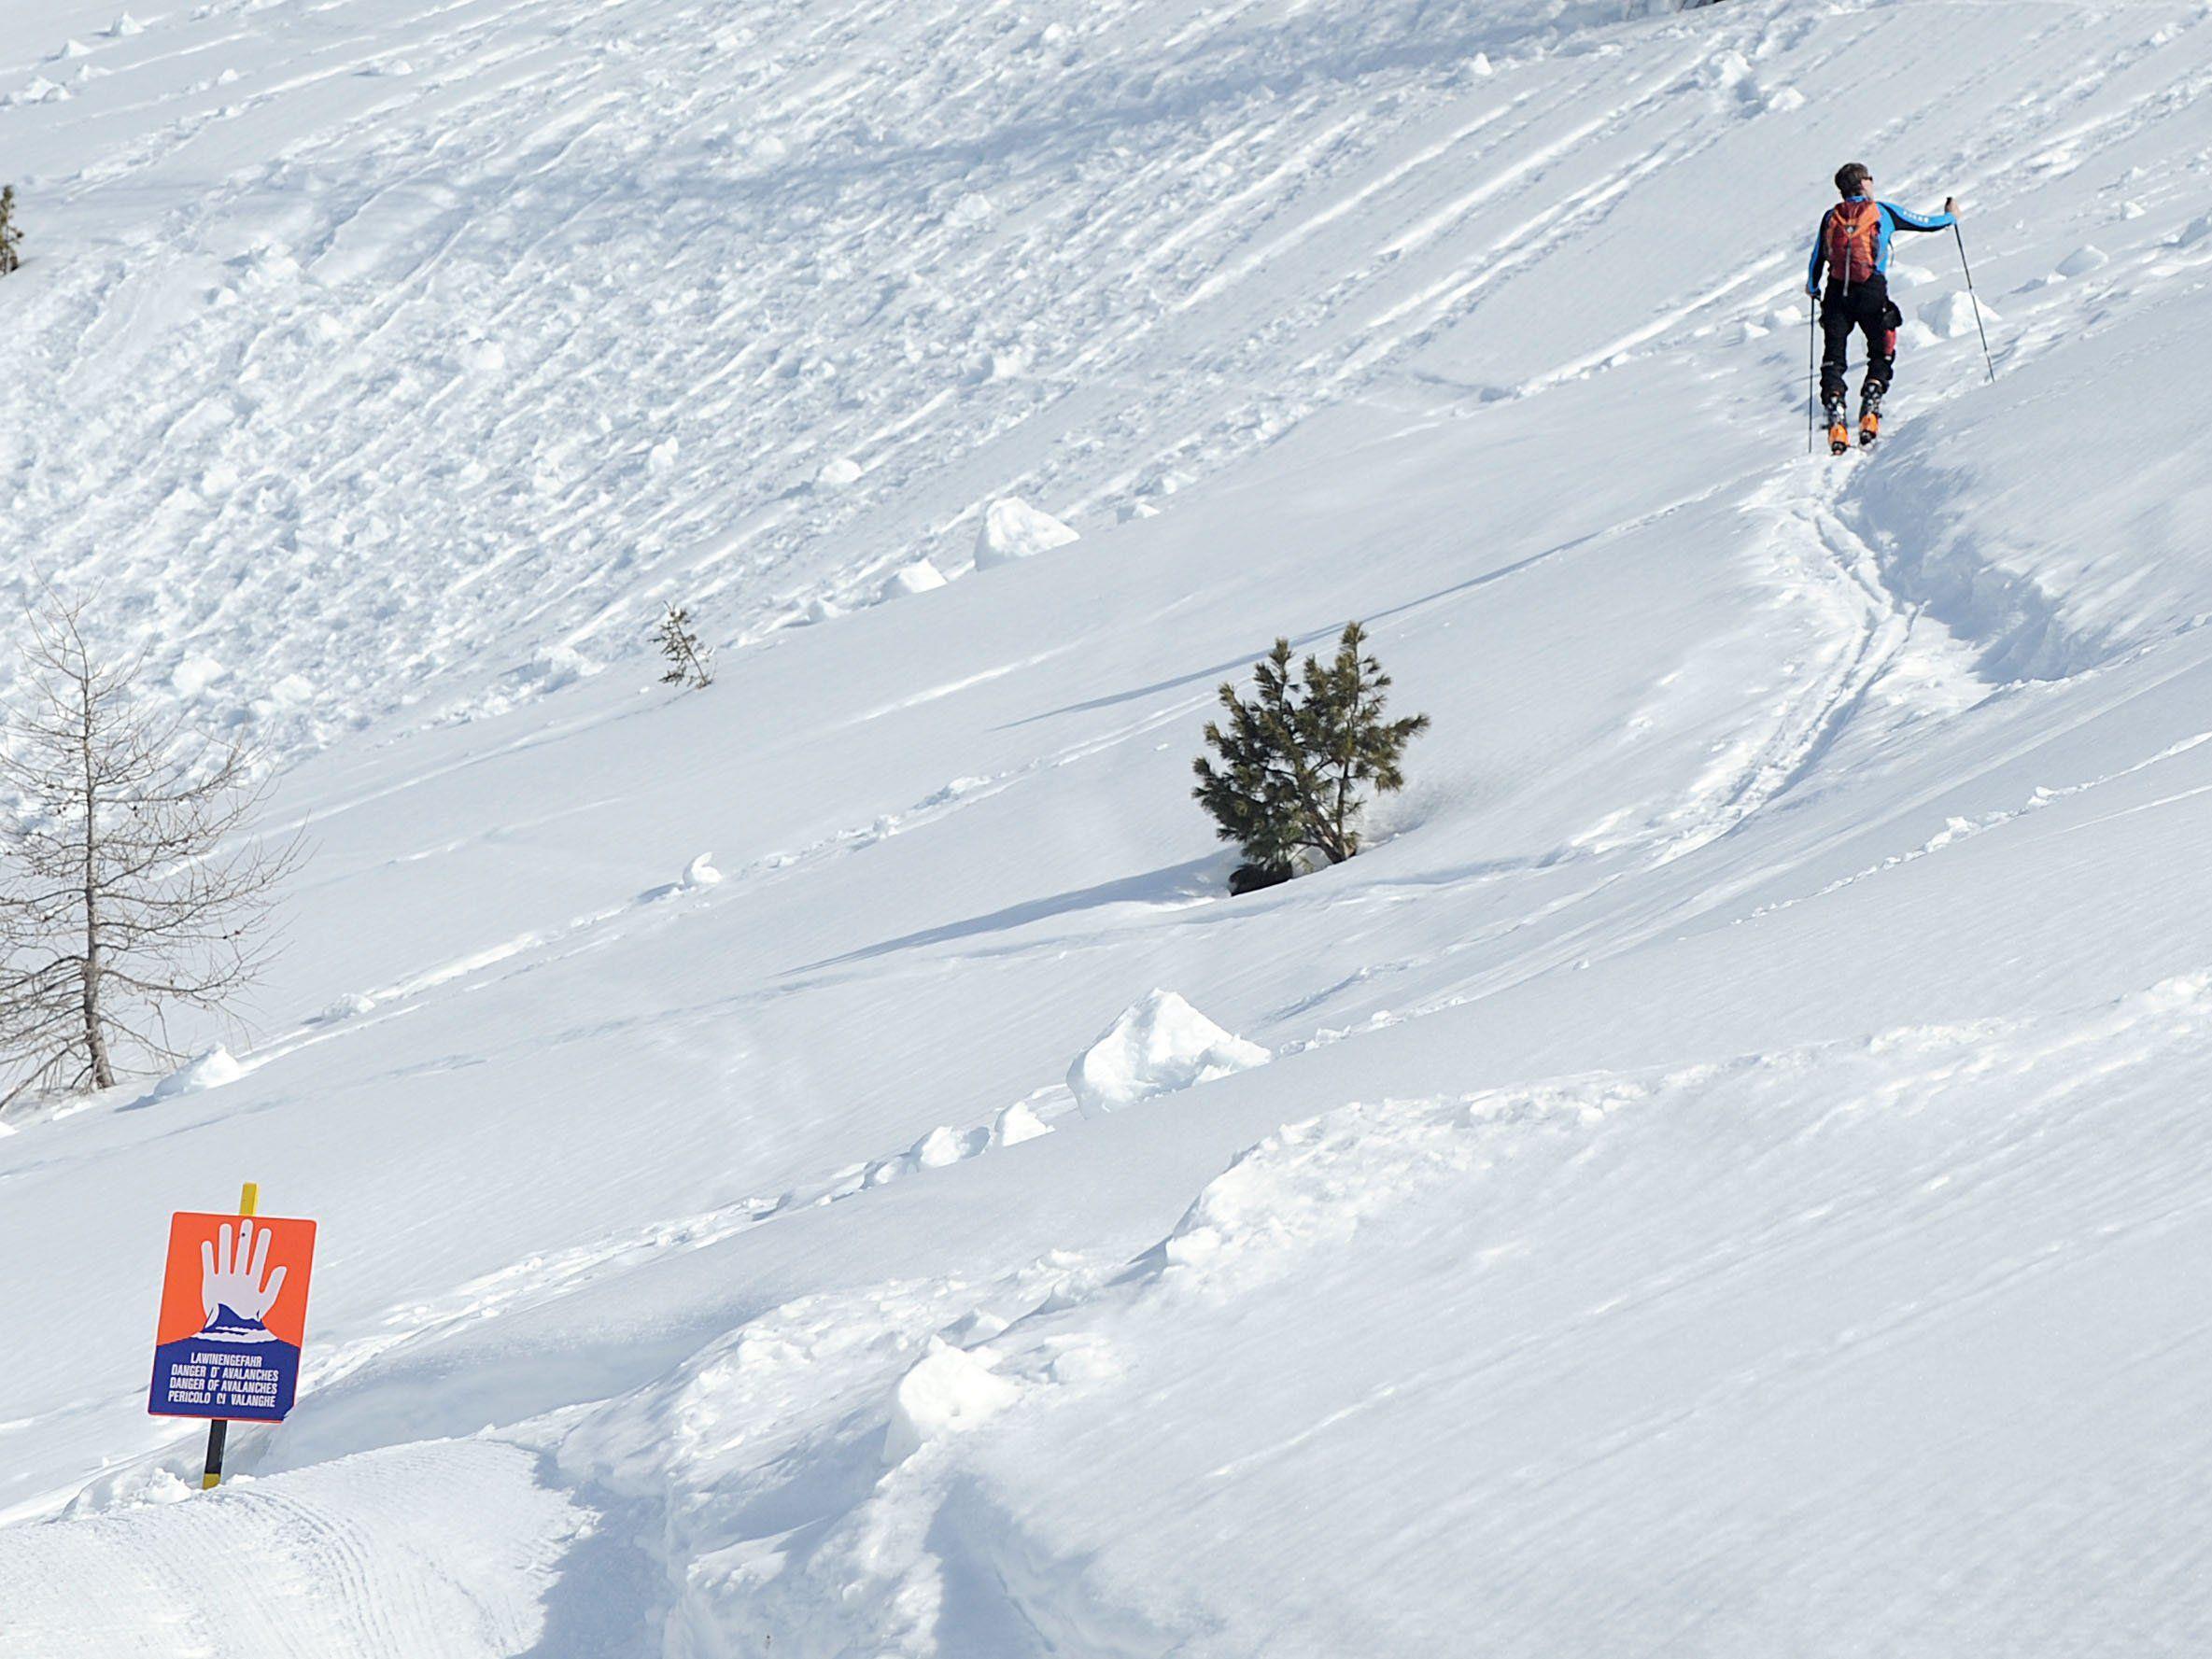 Große Gefahr oberhalb von 2.000 Metern - Skitouren und Freeriden stark eingeschränkt.